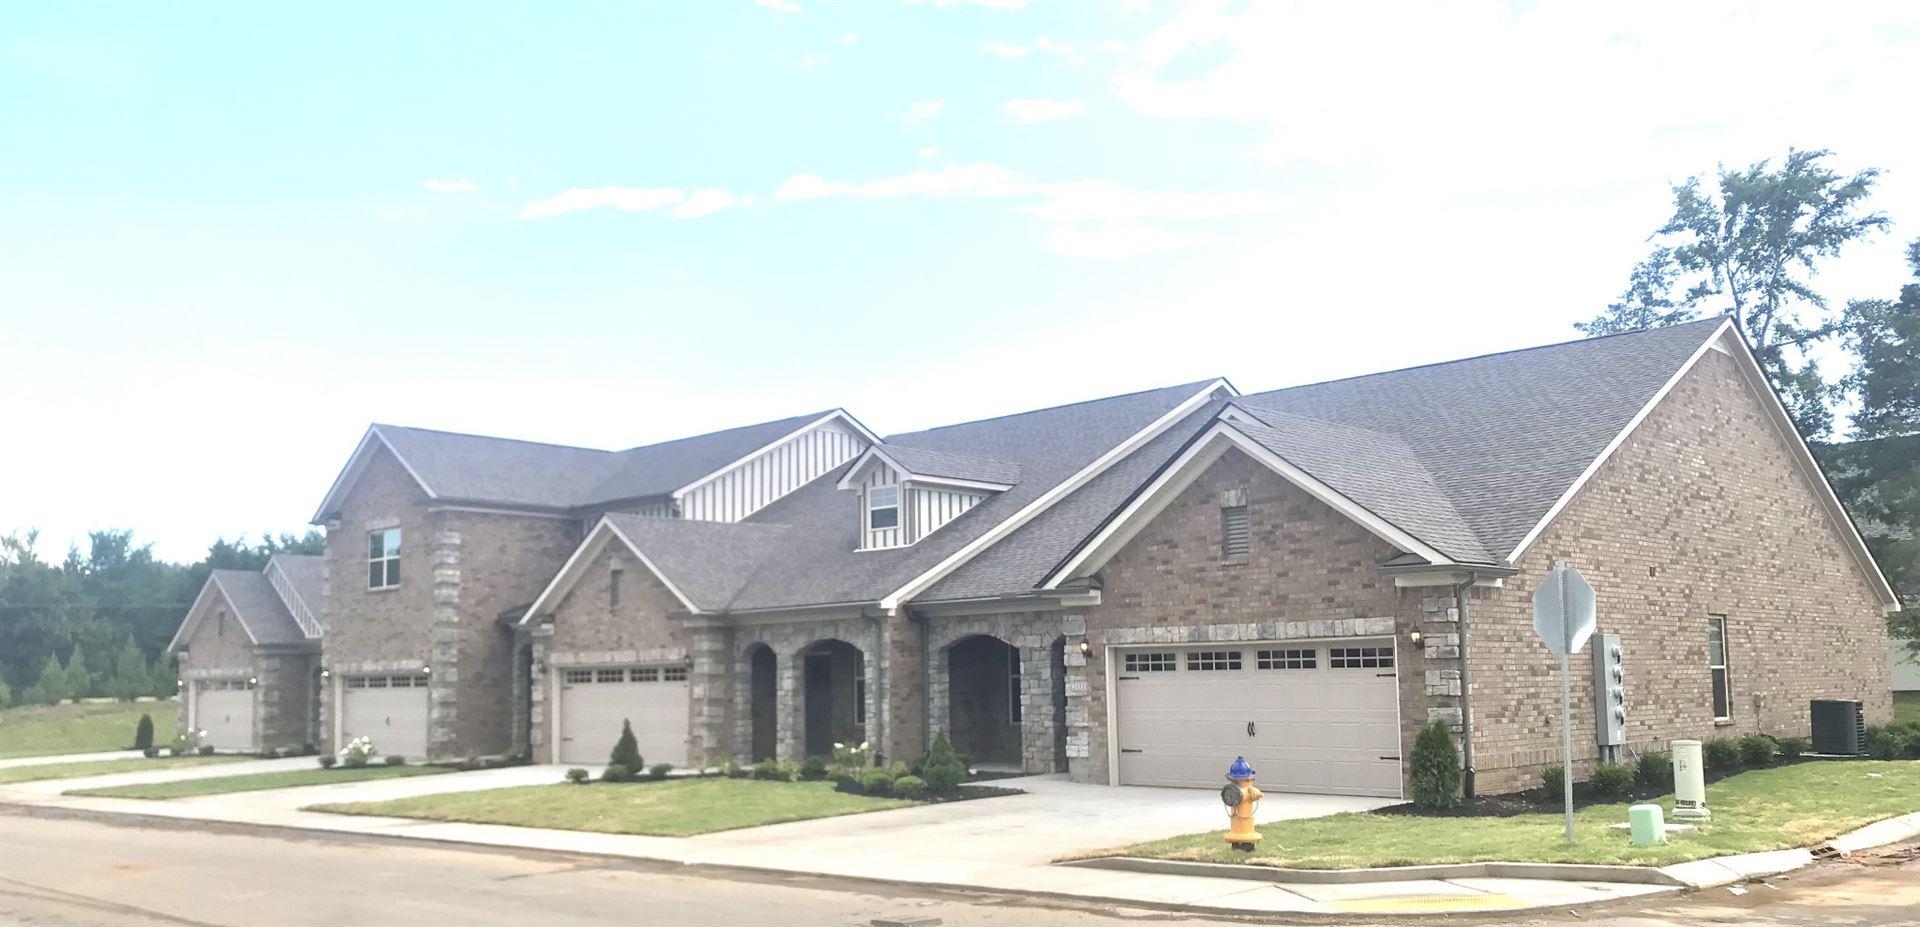 Photo of 1128 Javelin Lane (Lot 43), Murfreesboro, TN 37130 (MLS # 2248729)